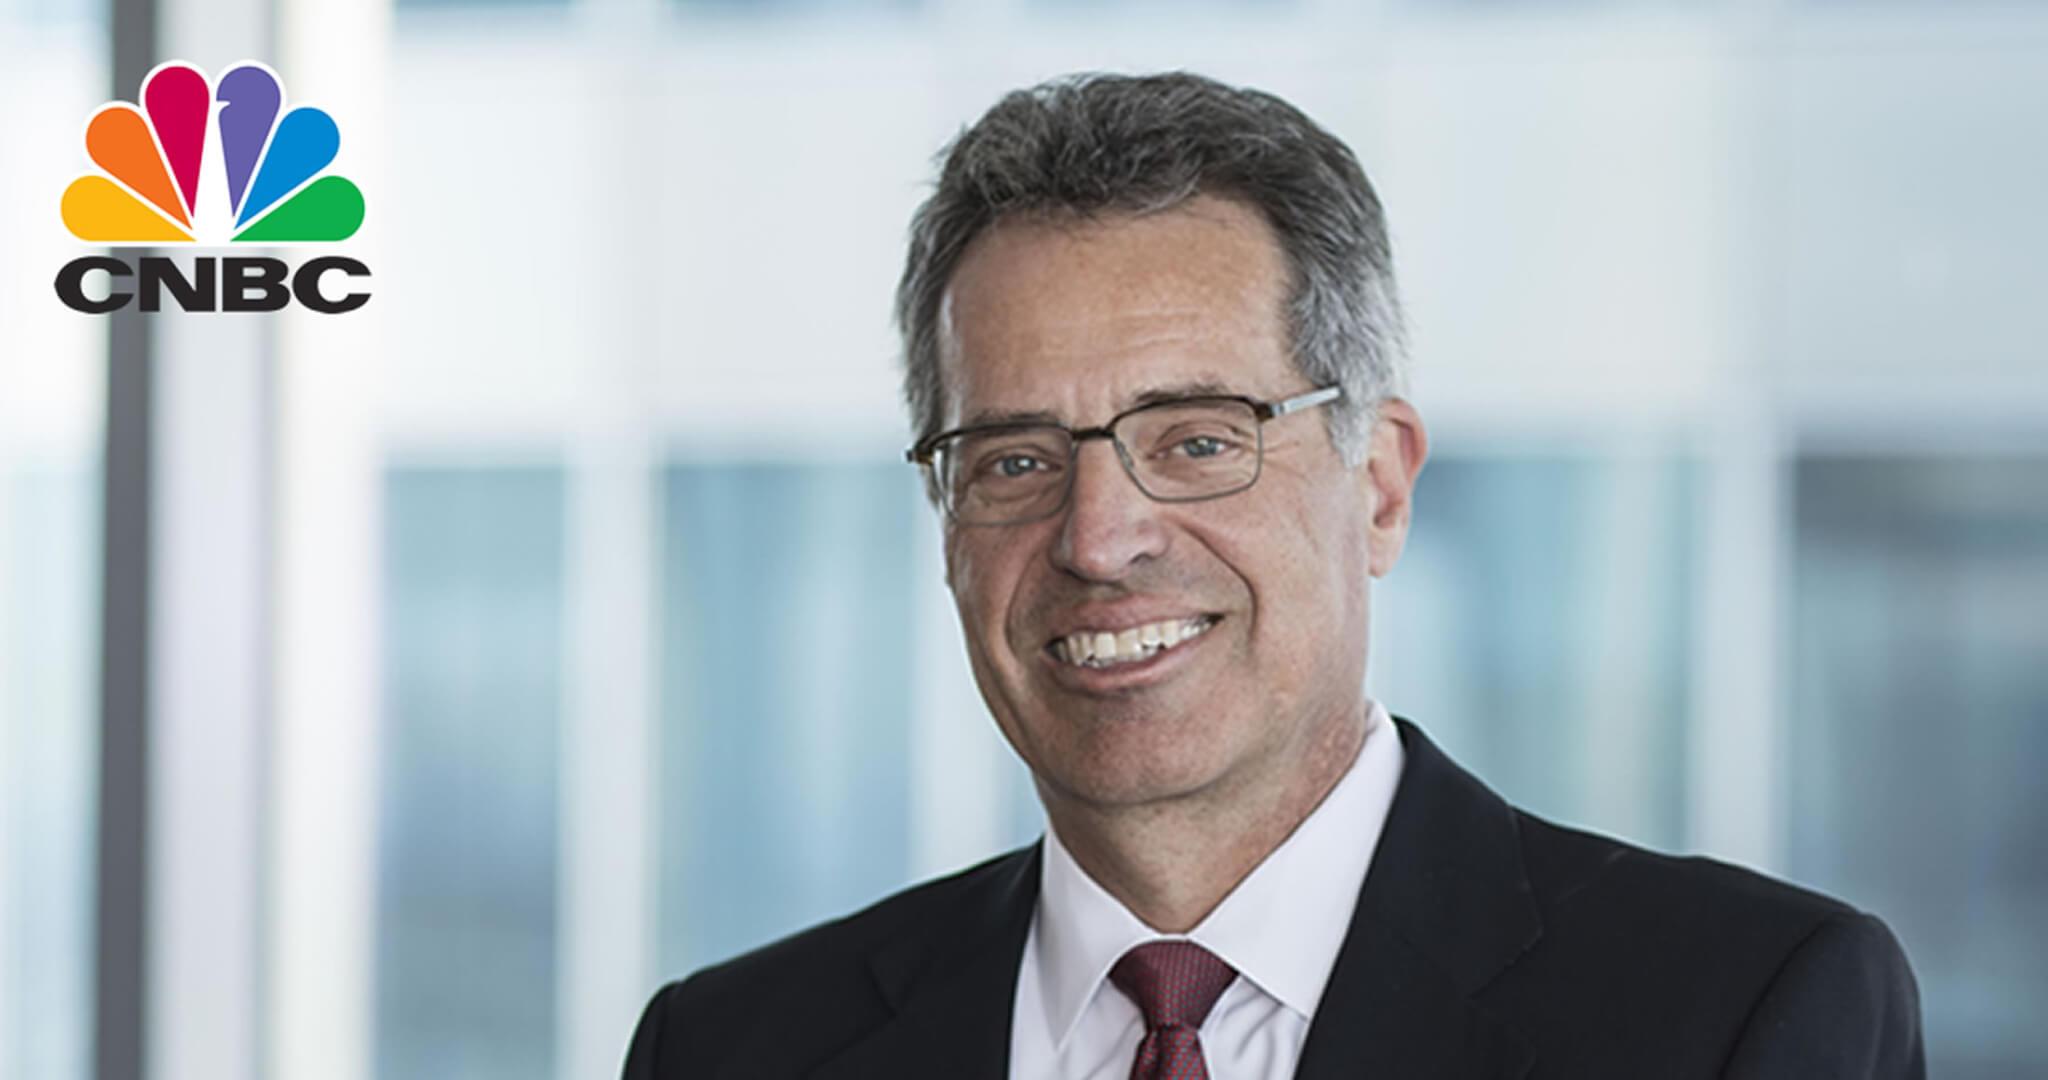 Bill Nygren Portfolio Manager on CNBC